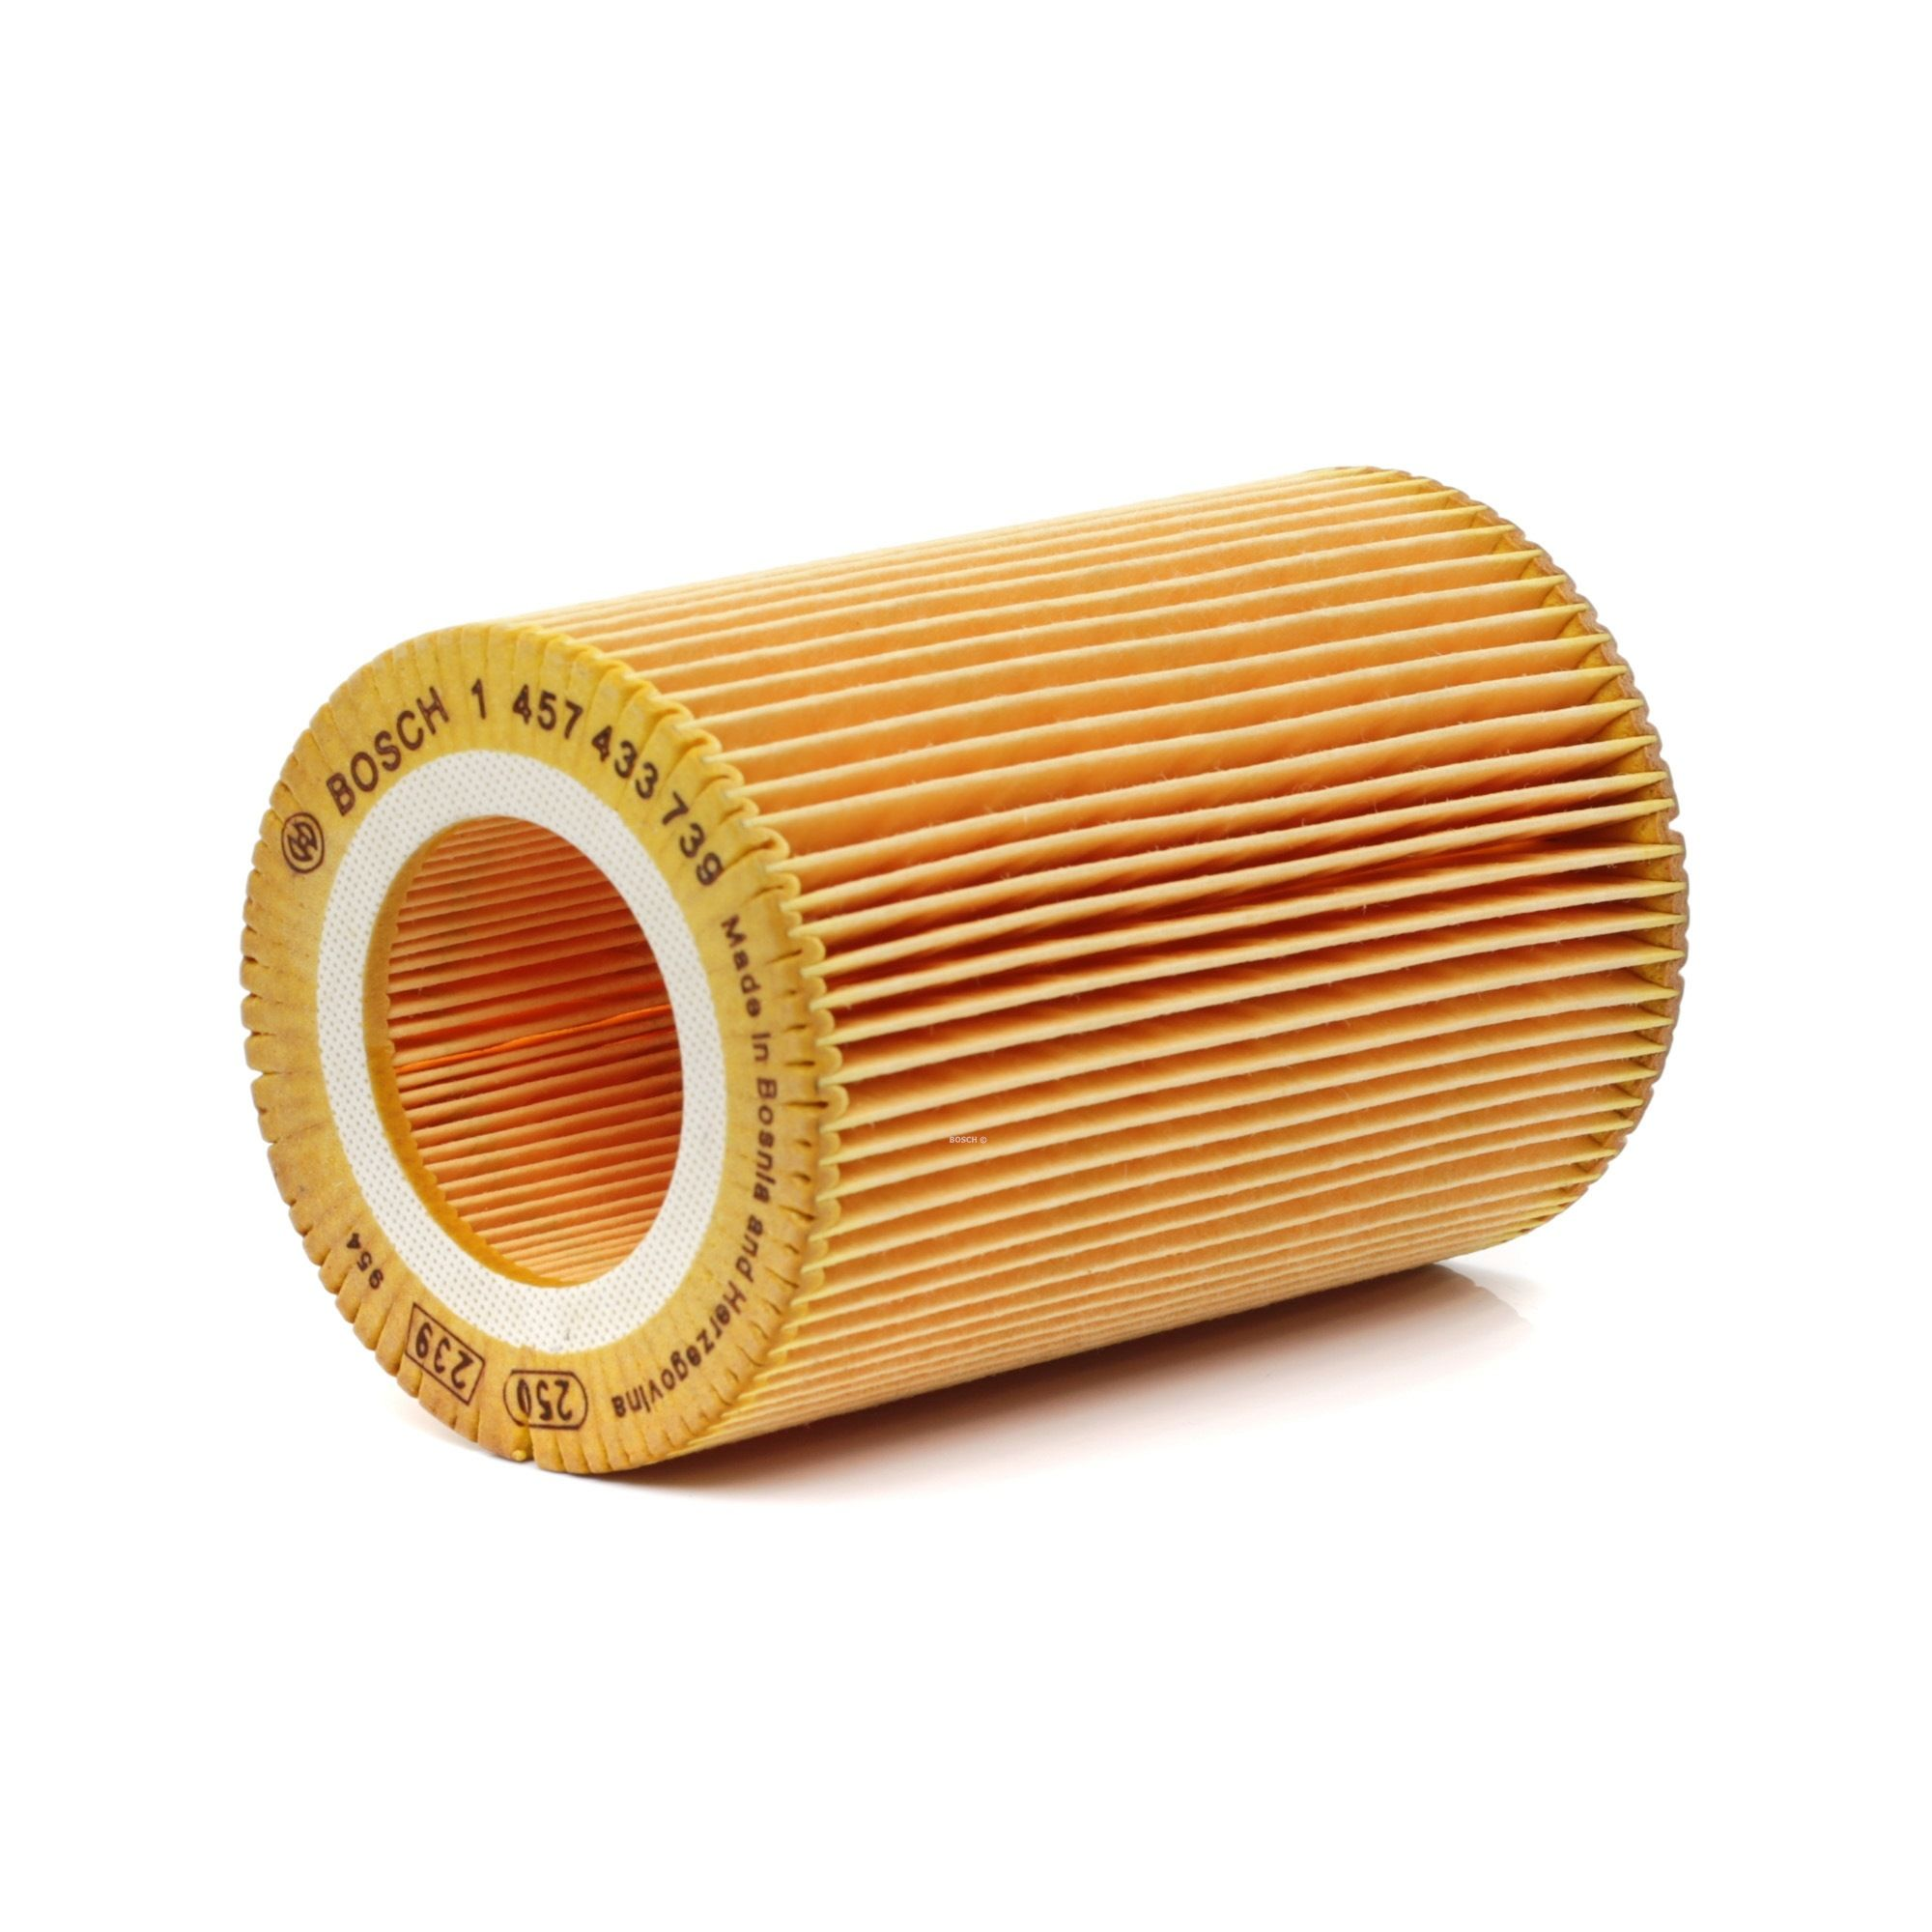 Original Zracni filter 1 457 433 739 Smart